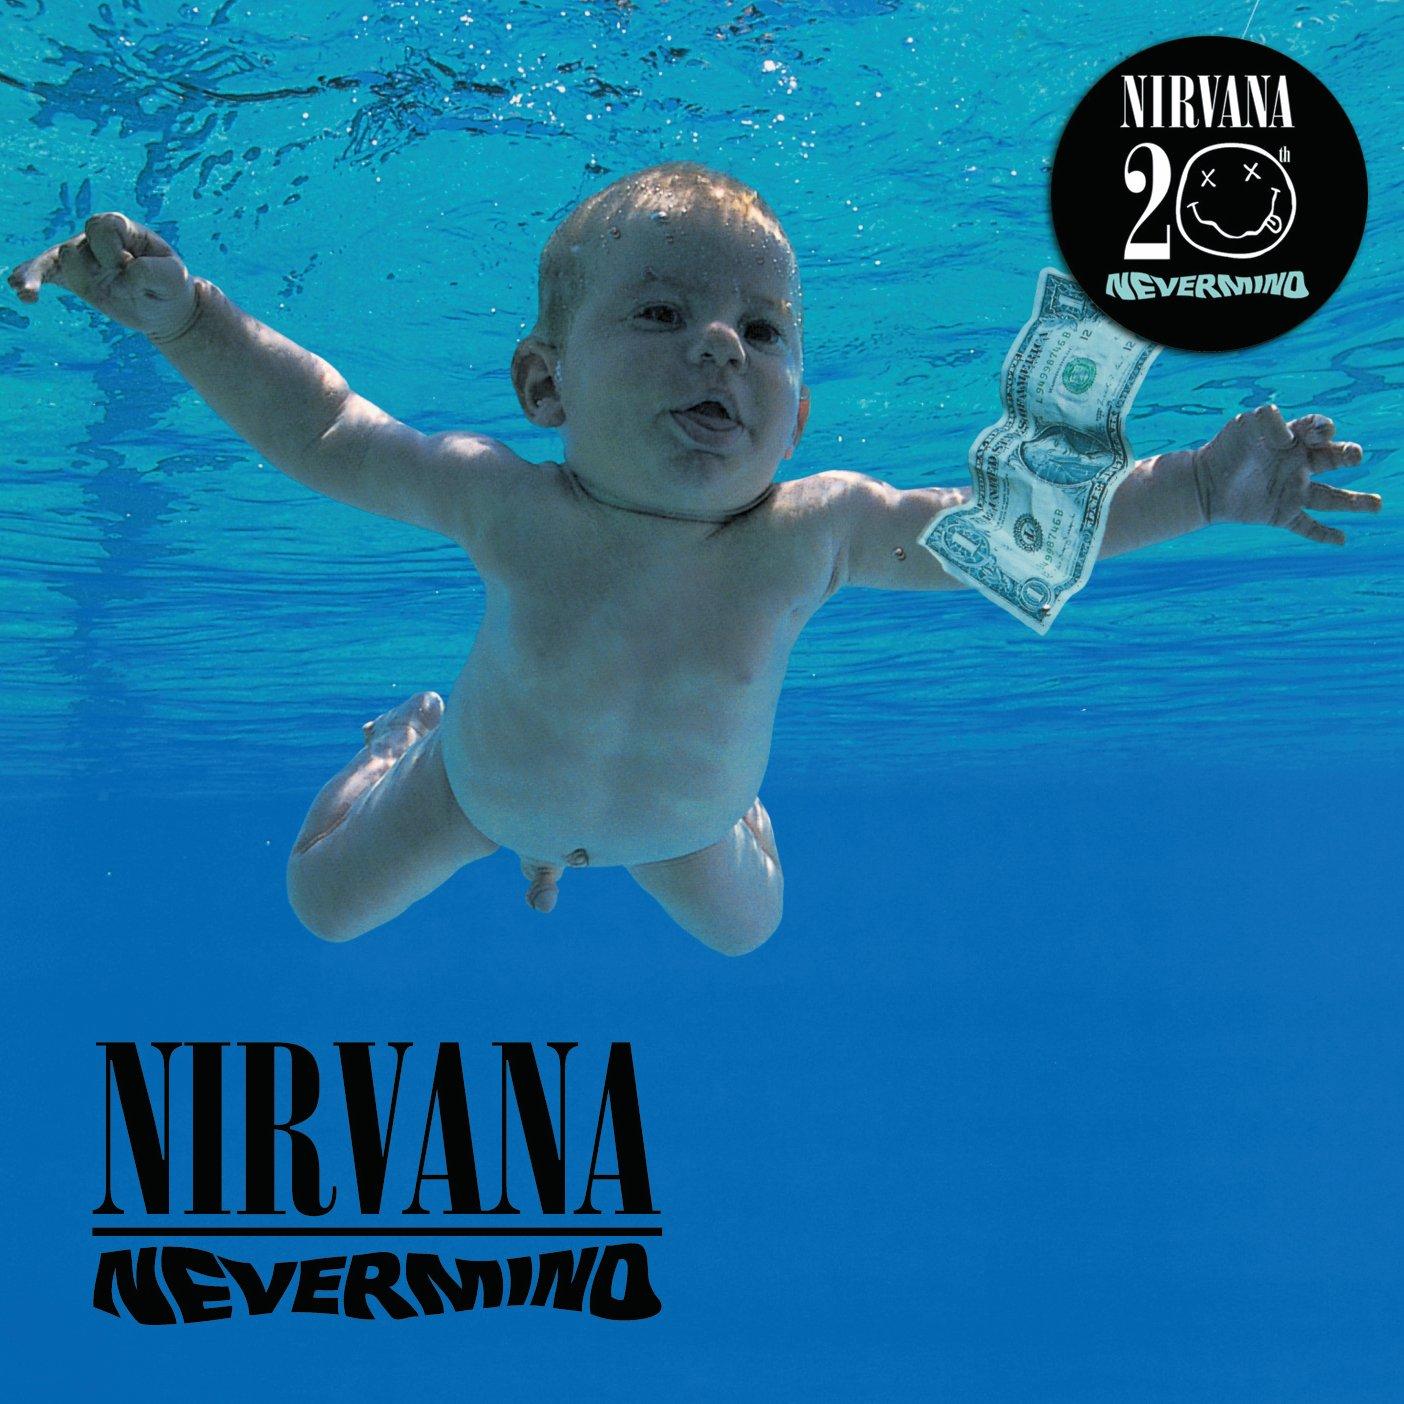 Nirvana – Nevermind (2011 Reissue)